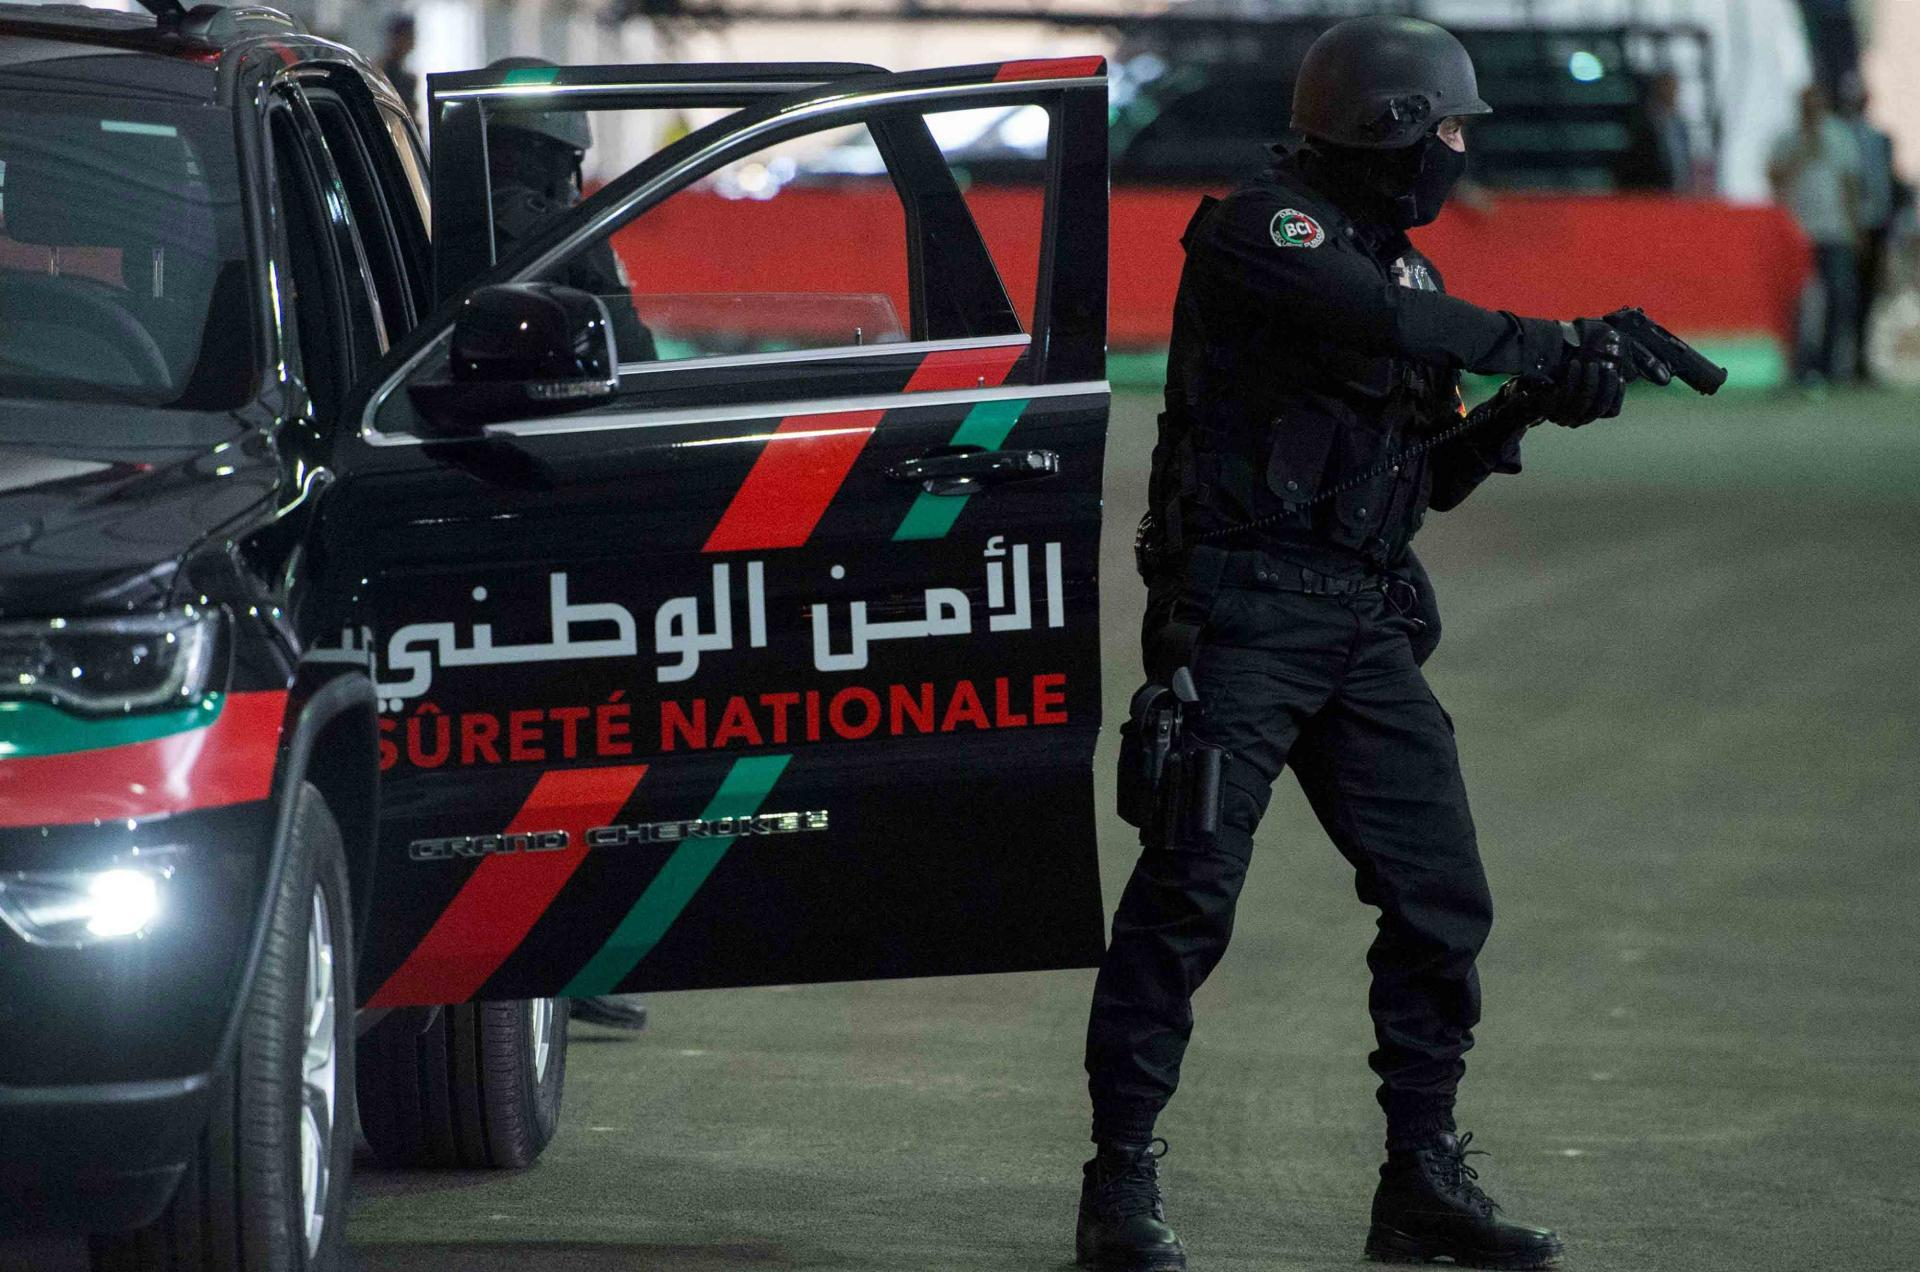 إصابة شرطي في مواجهات عنيفة بالأسلحة و الحجارة بالعيون !